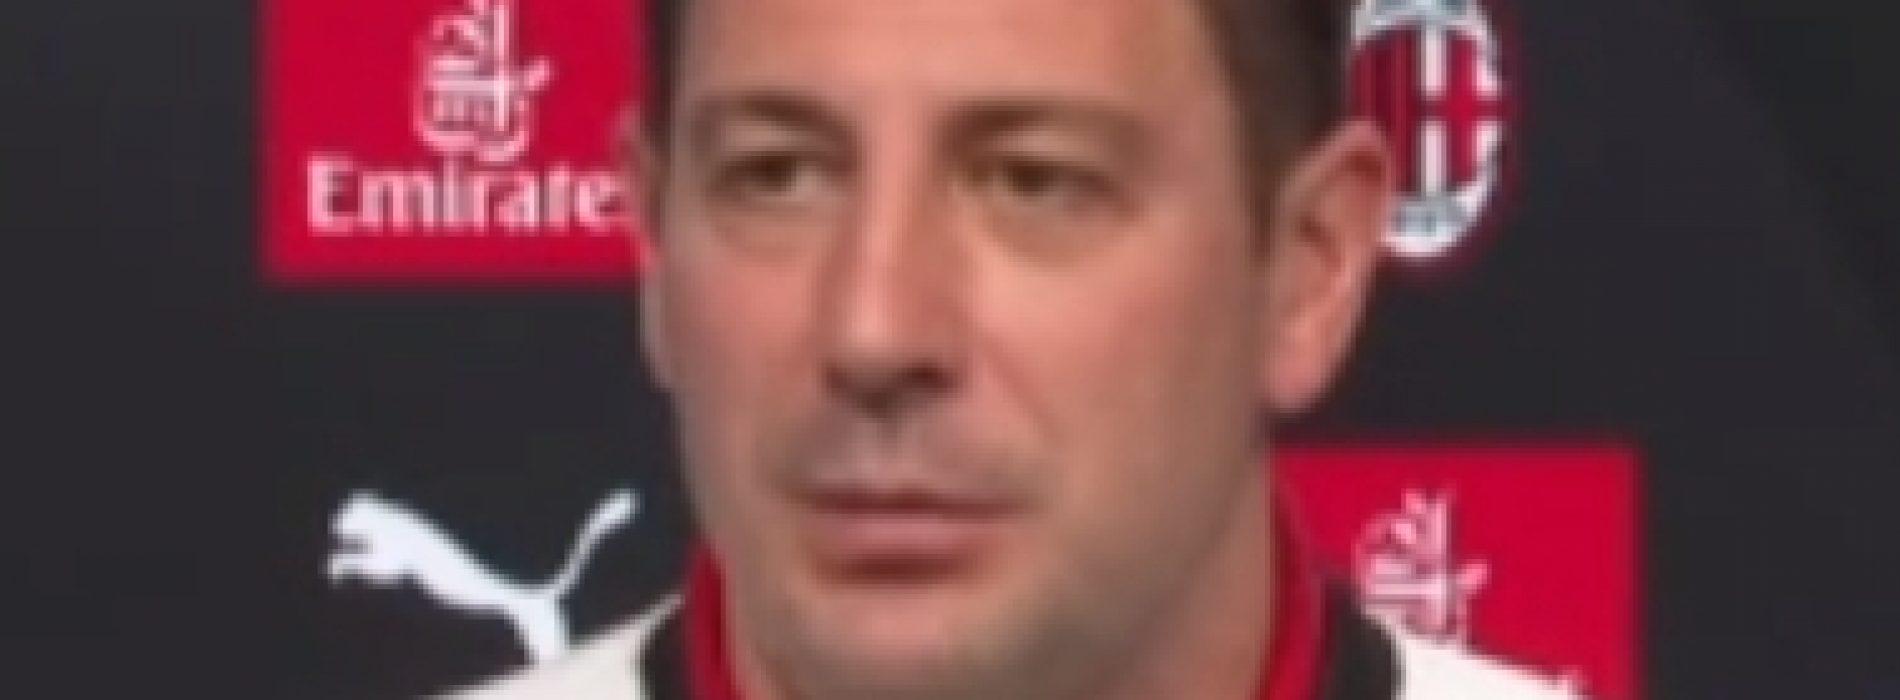 """Milan Bonera: """"Restare concentrati per rimanere in alto"""""""